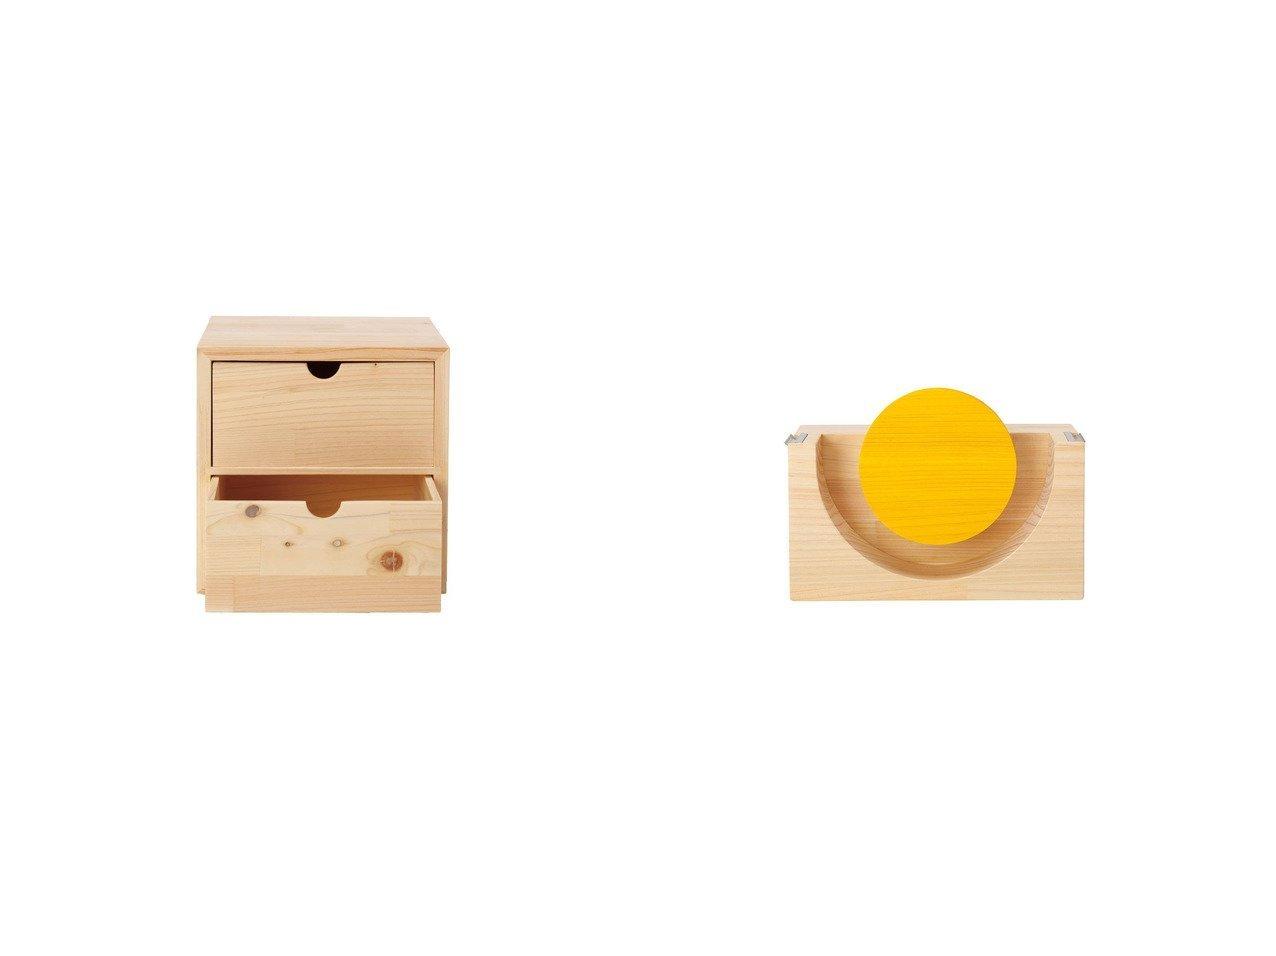 【HINOKIKAGU/ヒノキカグ】の四万十ヒノキのテープカッター 四万十ヒノキのテープカッター&四万十ヒノキのキューブ収納引出し付き 四万十ヒノキのキューブ収納引出し付き  【FURNITURE】Made in Japan 日本製 おすすめ!人気、インテリア・家具の通販 おすすめで人気の流行・トレンド、ファッションの通販商品 メンズファッション・キッズファッション・インテリア・家具・レディースファッション・服の通販 founy(ファニー) https://founy.com/ ステーショナリー デスク マグネット |ID:crp329100000026812